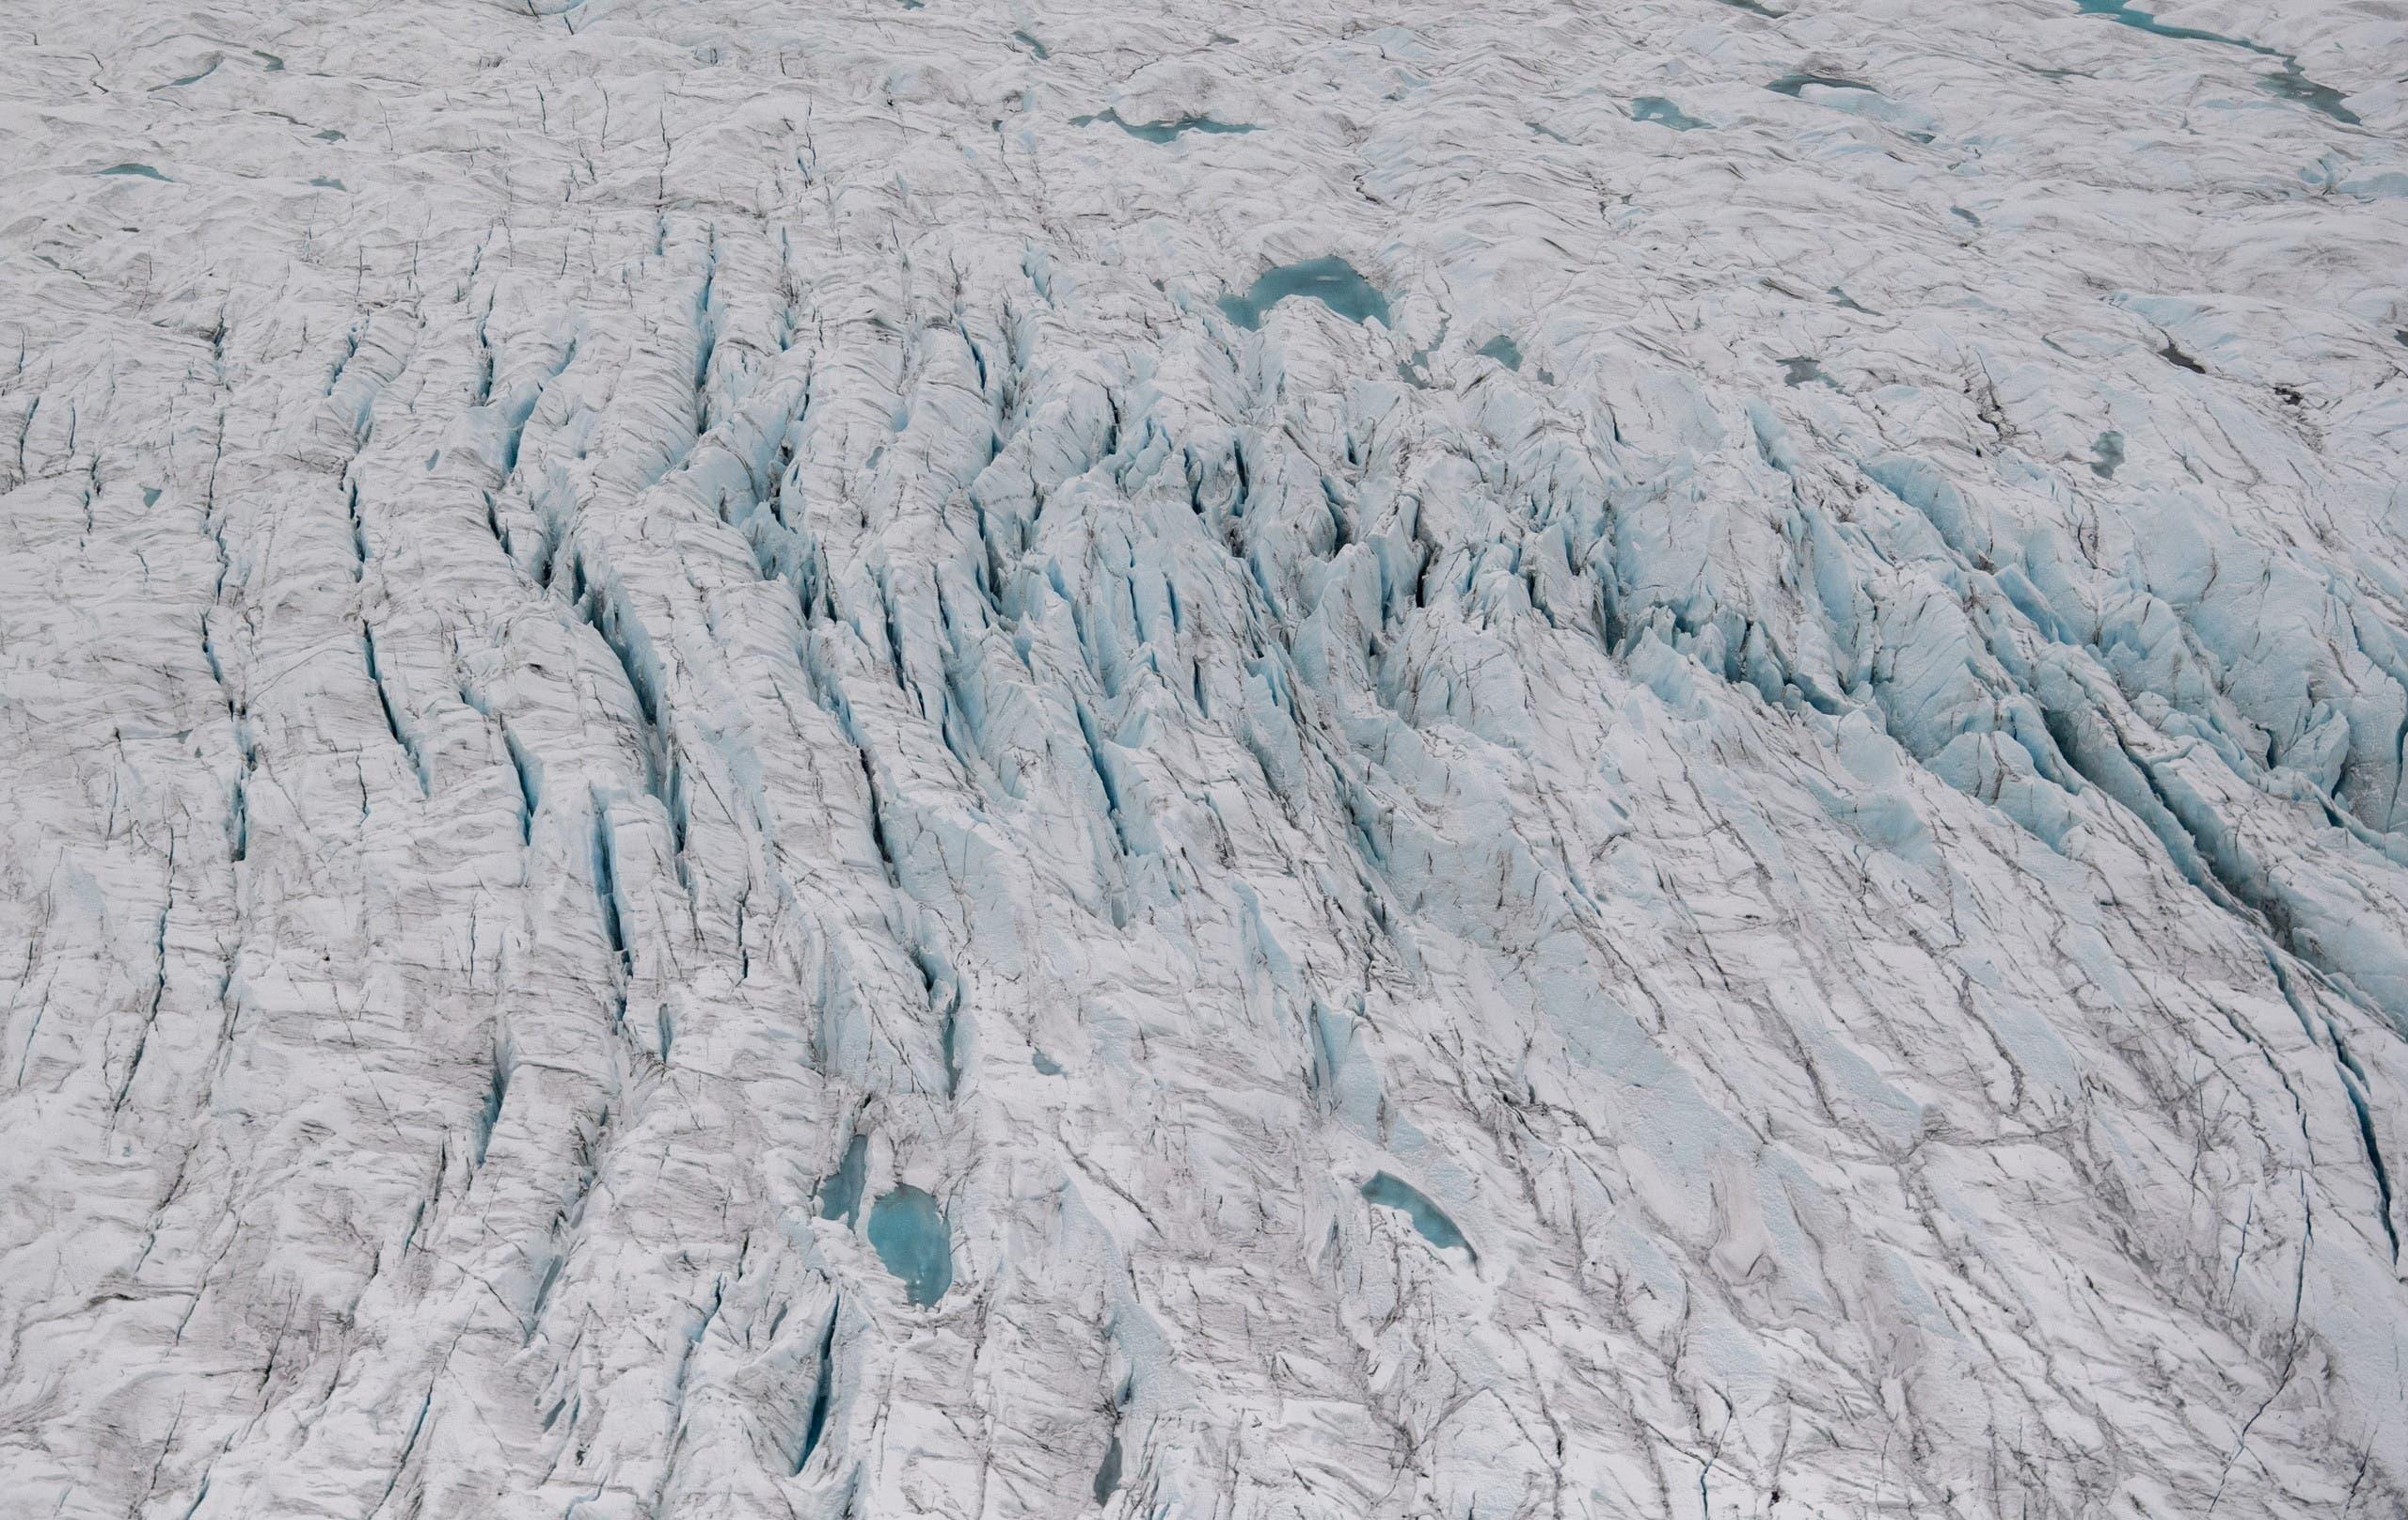 الجليد في القطب الشمالي